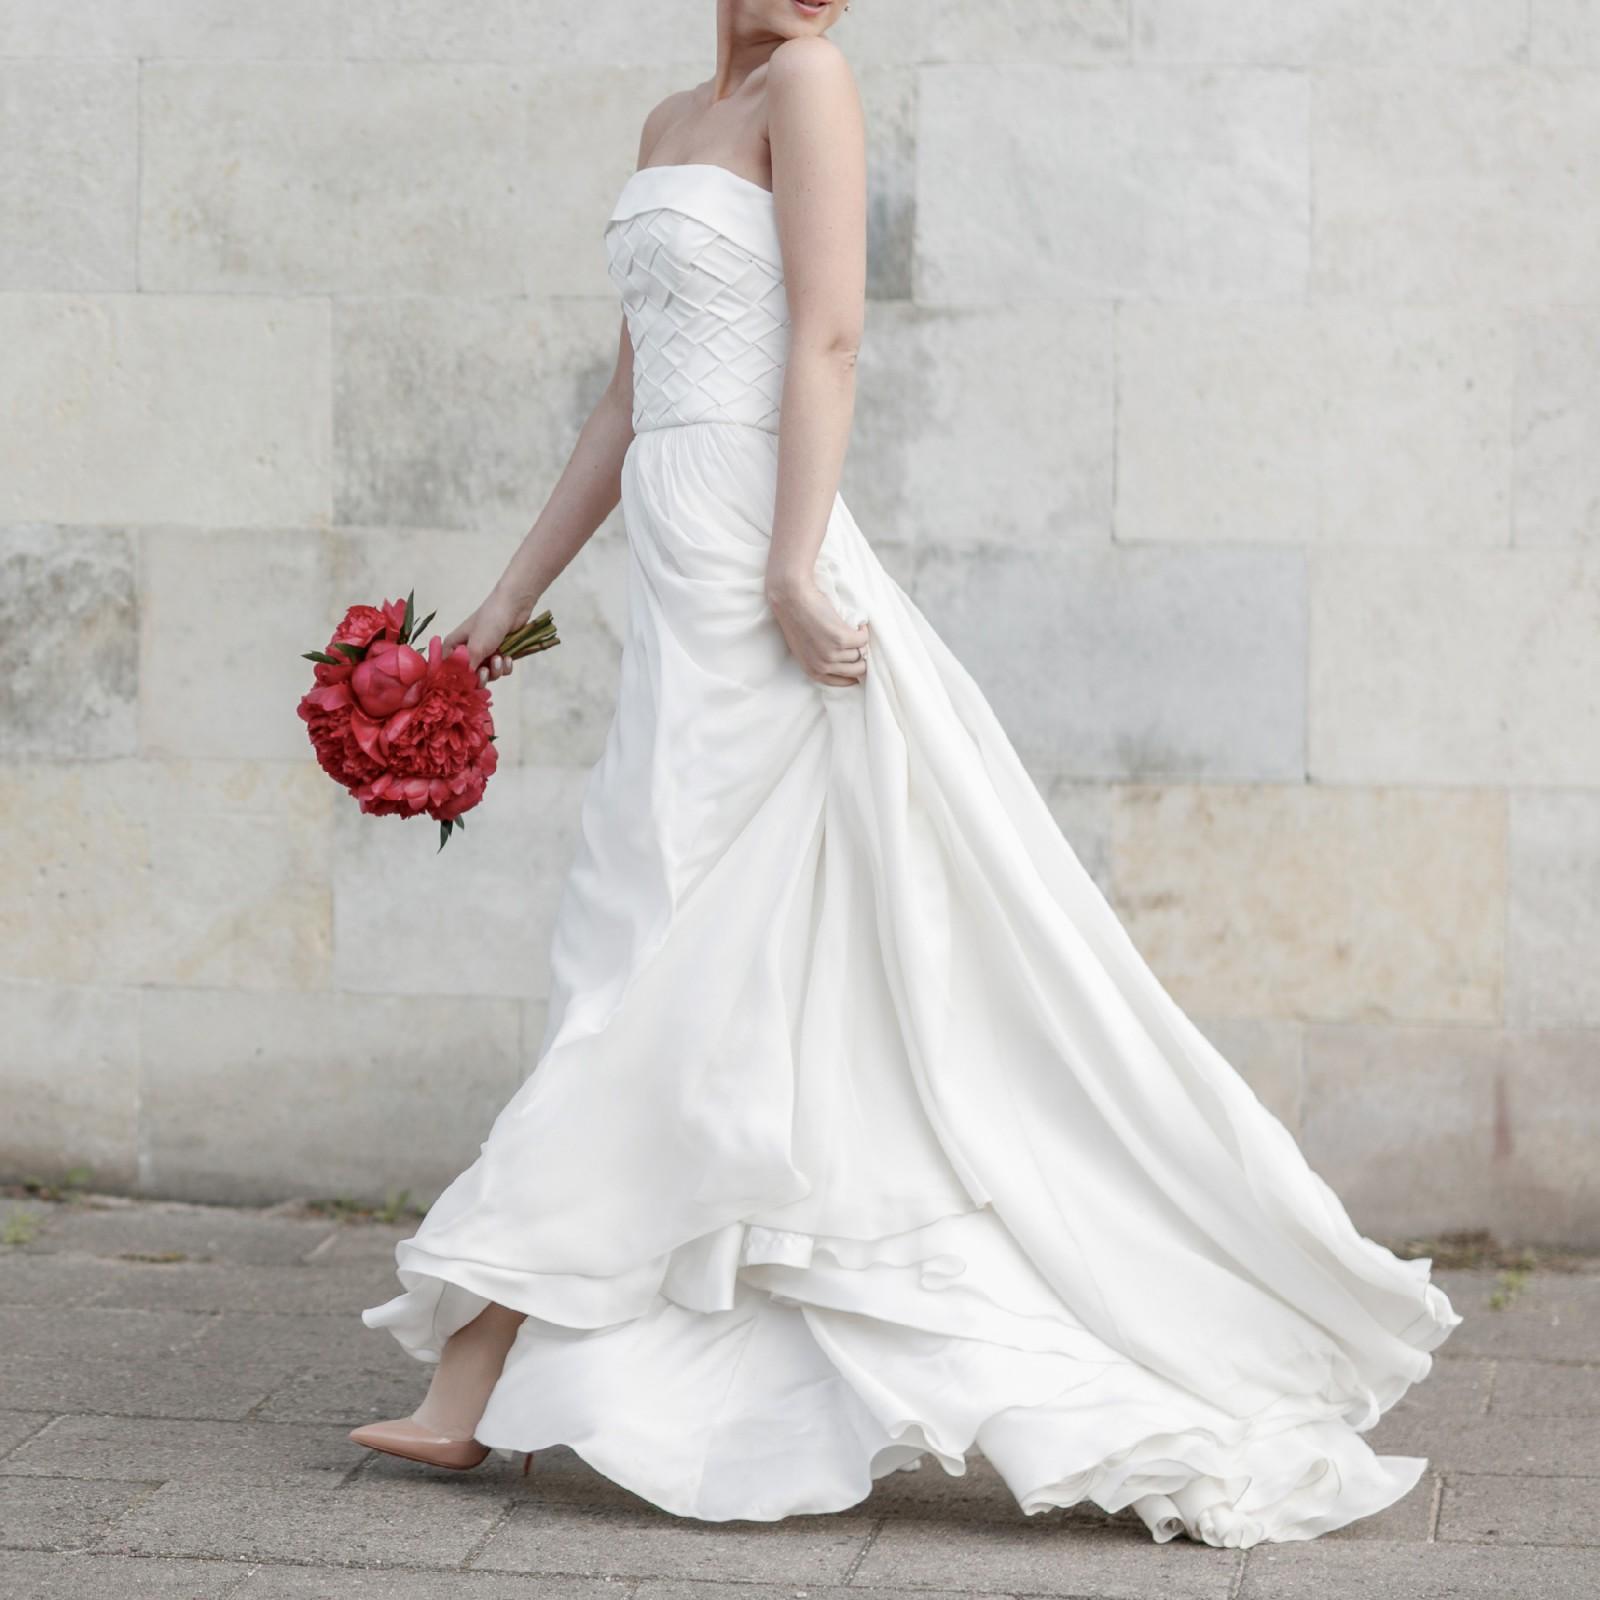 Unique Wedding Dresses Au: Egidijus Rainys Custom Made Silk Dress Second Hand Wedding